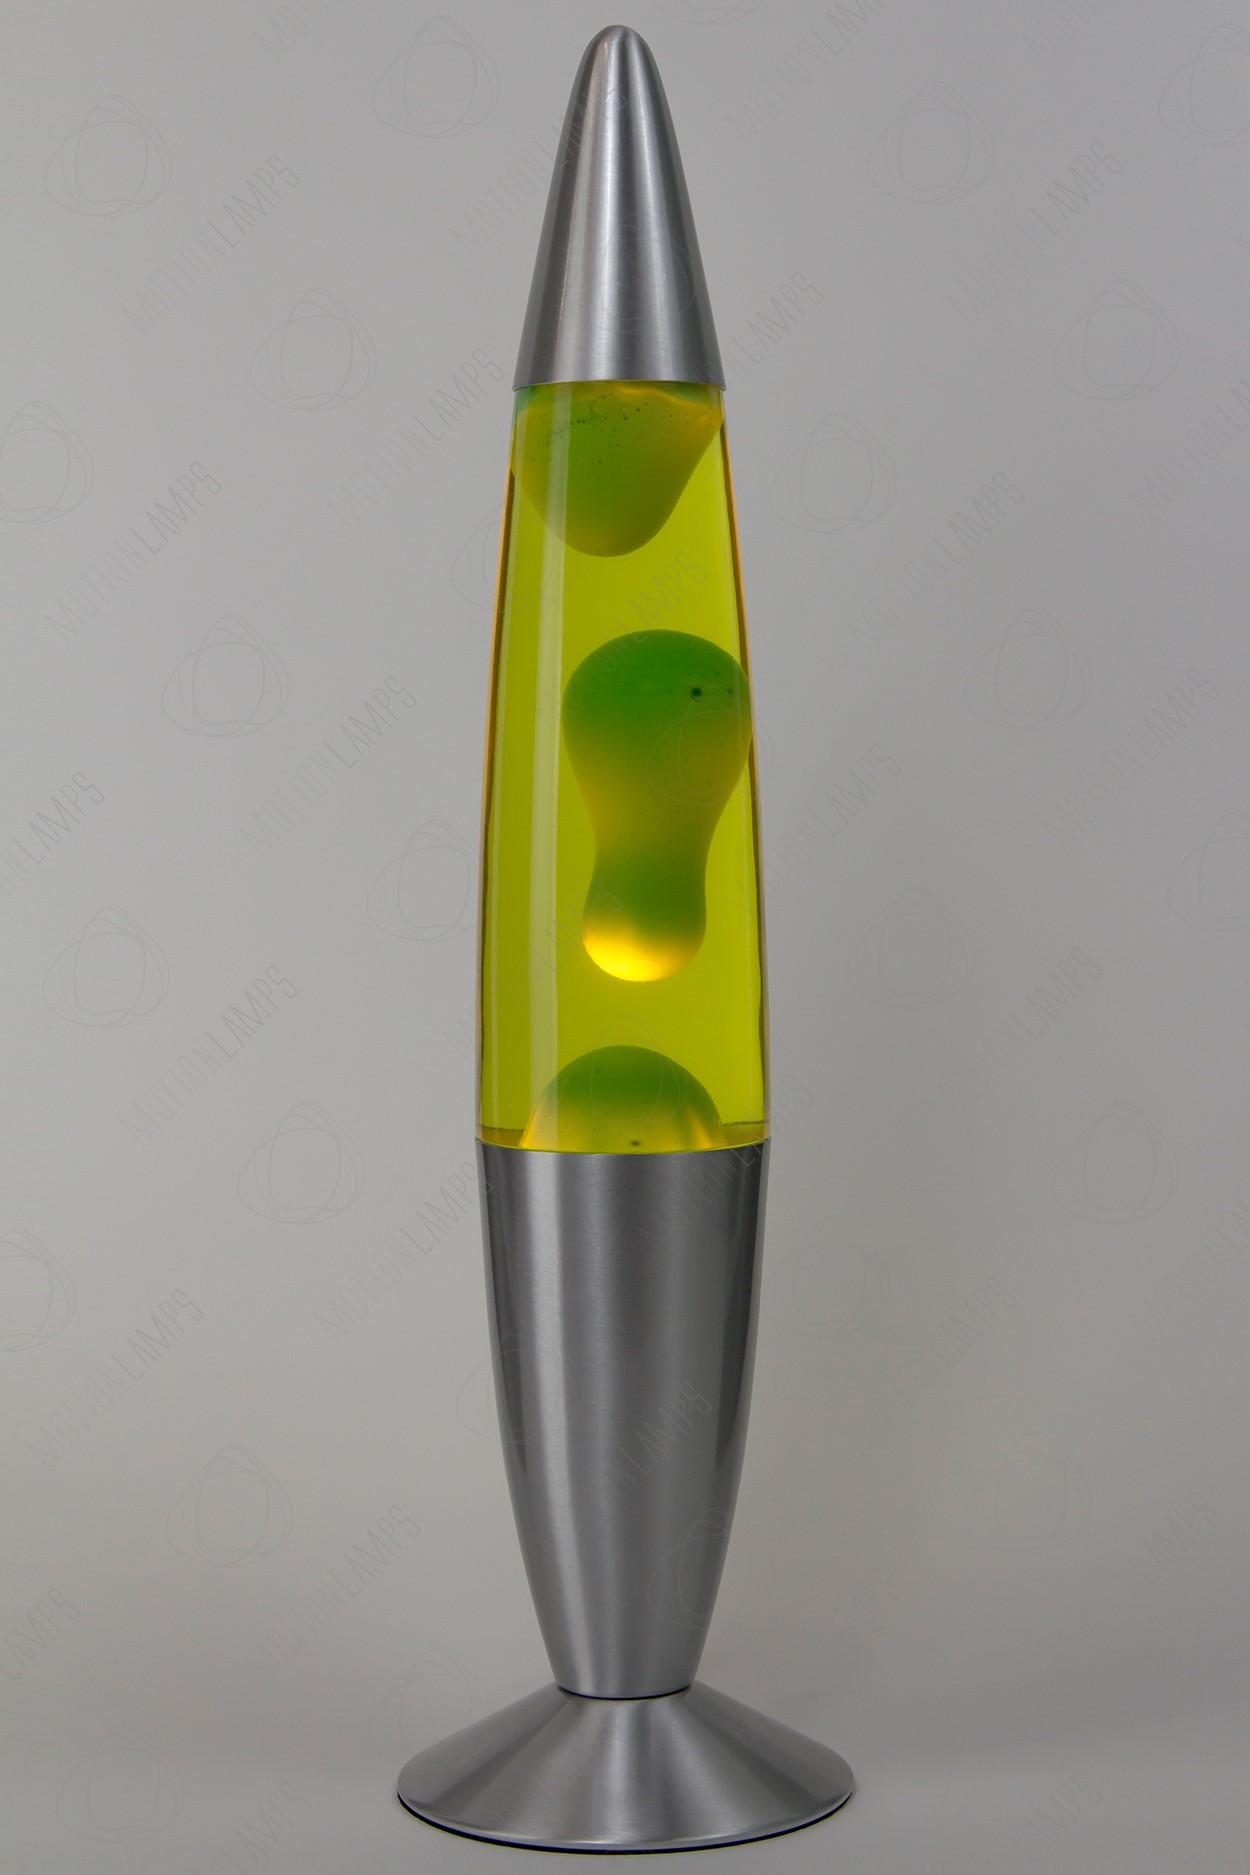 Лава-лампа 48см Зелёная/Жёлтая (Воск) в Ярославле